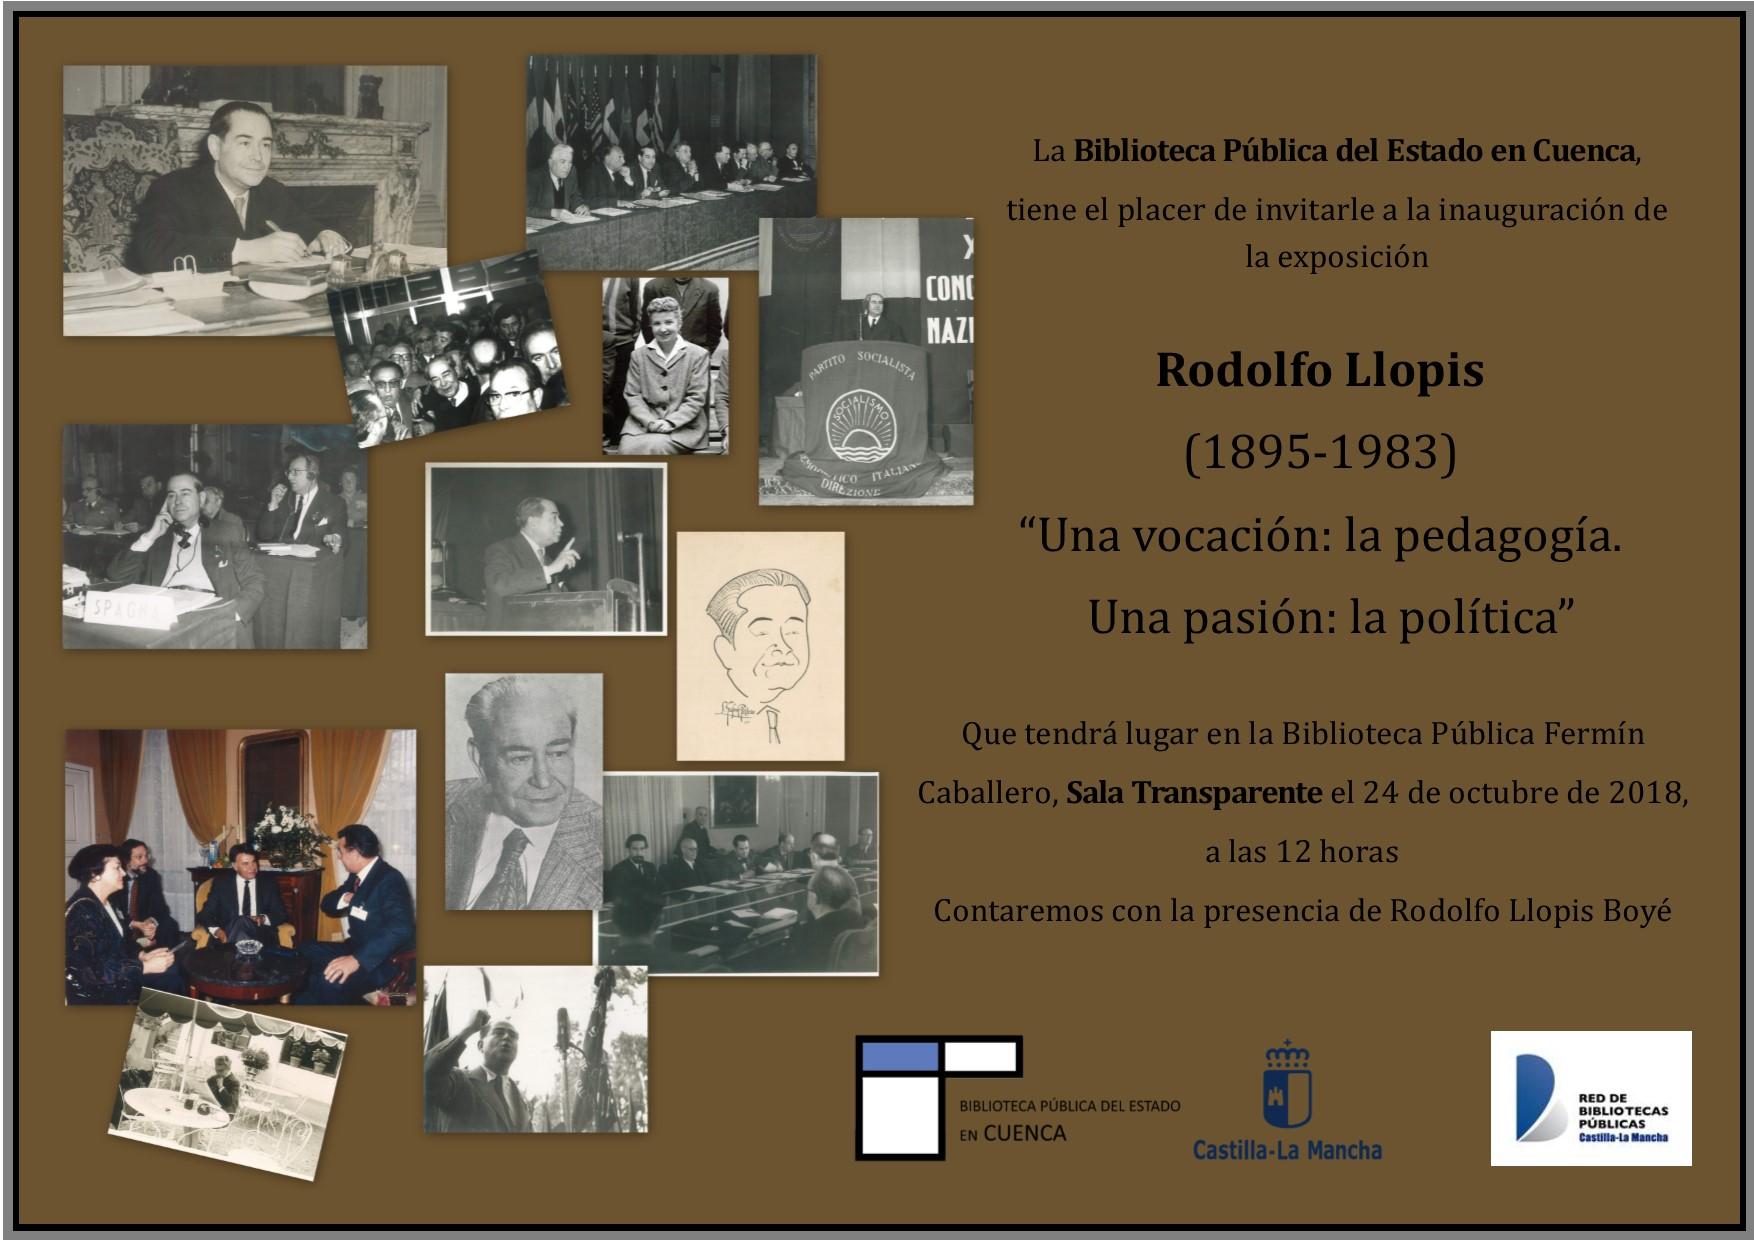 Imagen de la actividad Rodolfo Llopis (1895-1983)